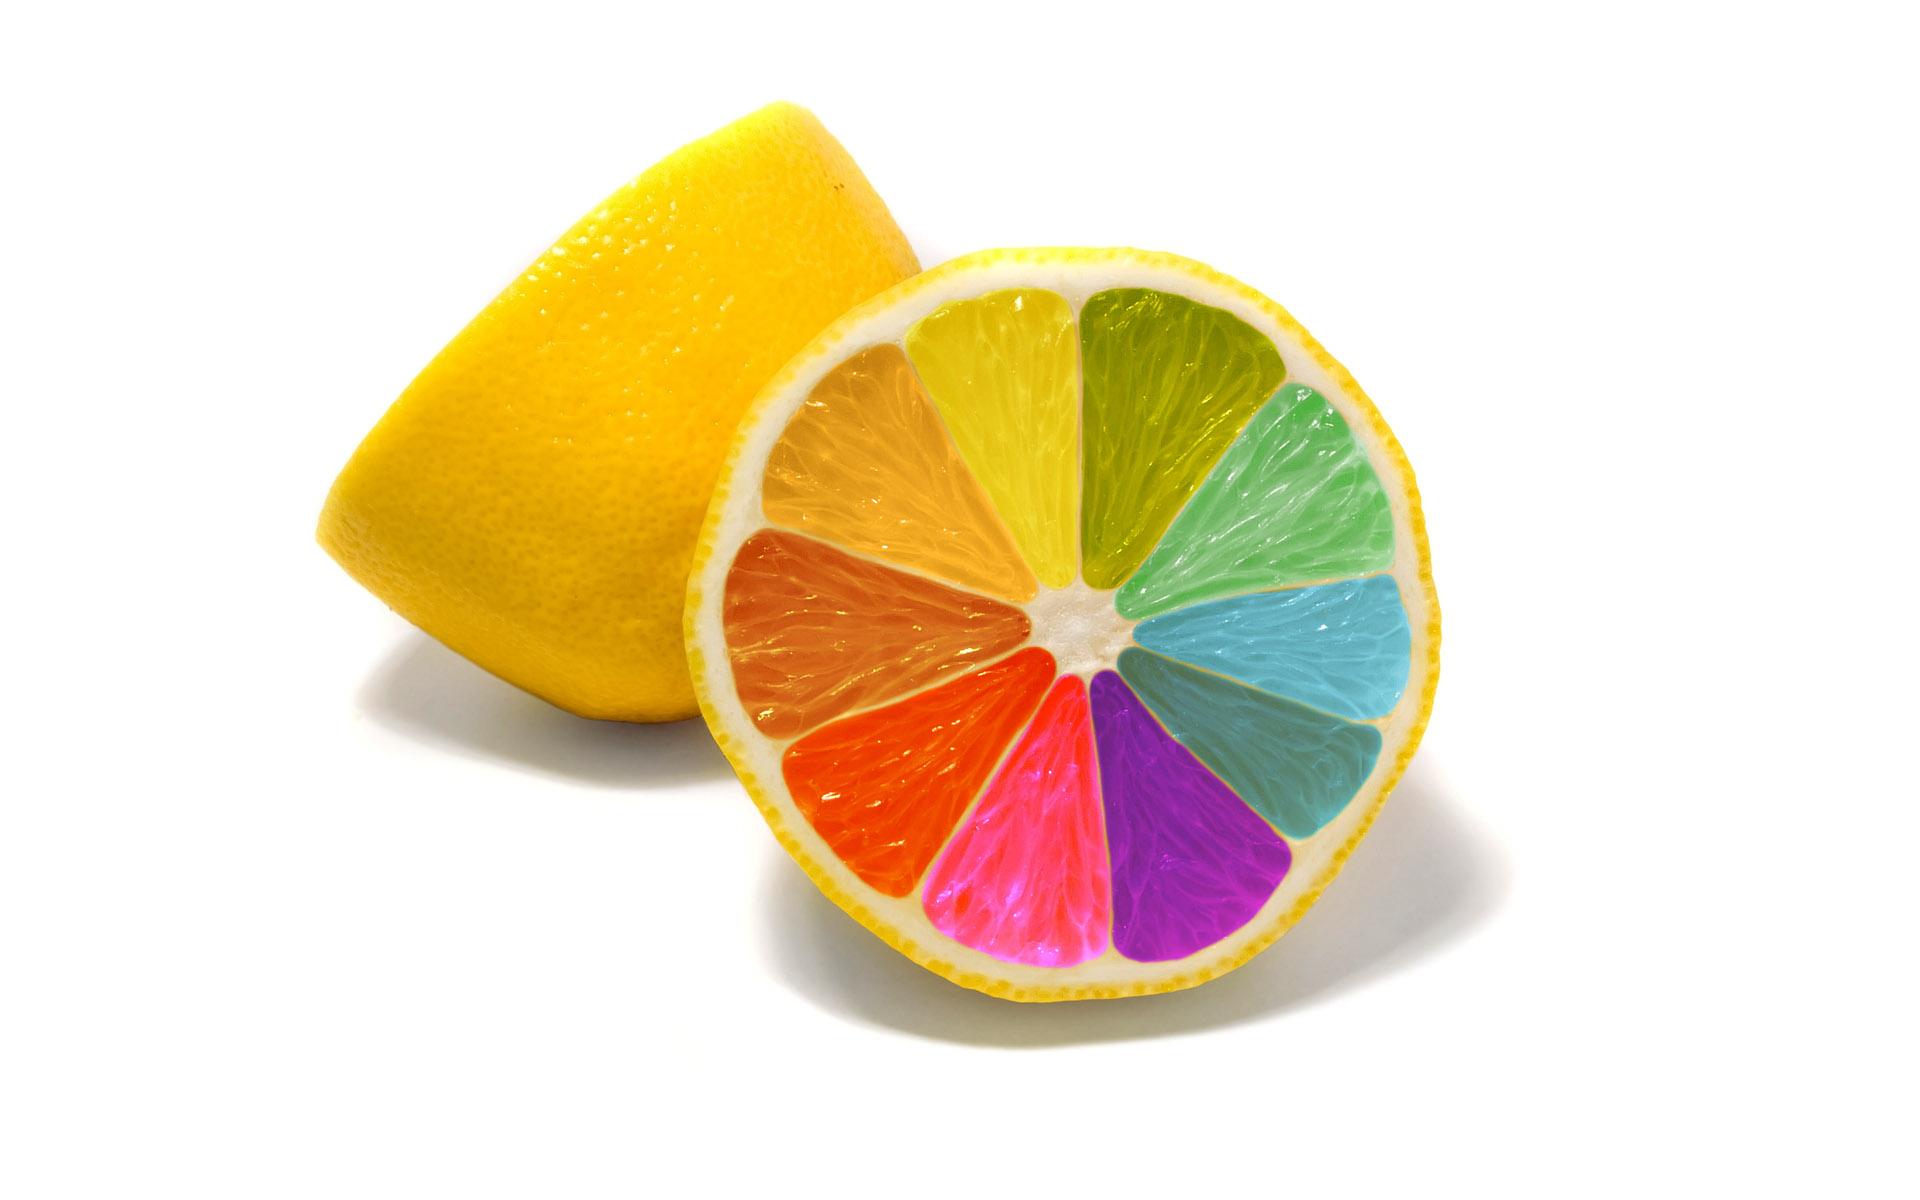 Цветной апельсин, фото, orange color